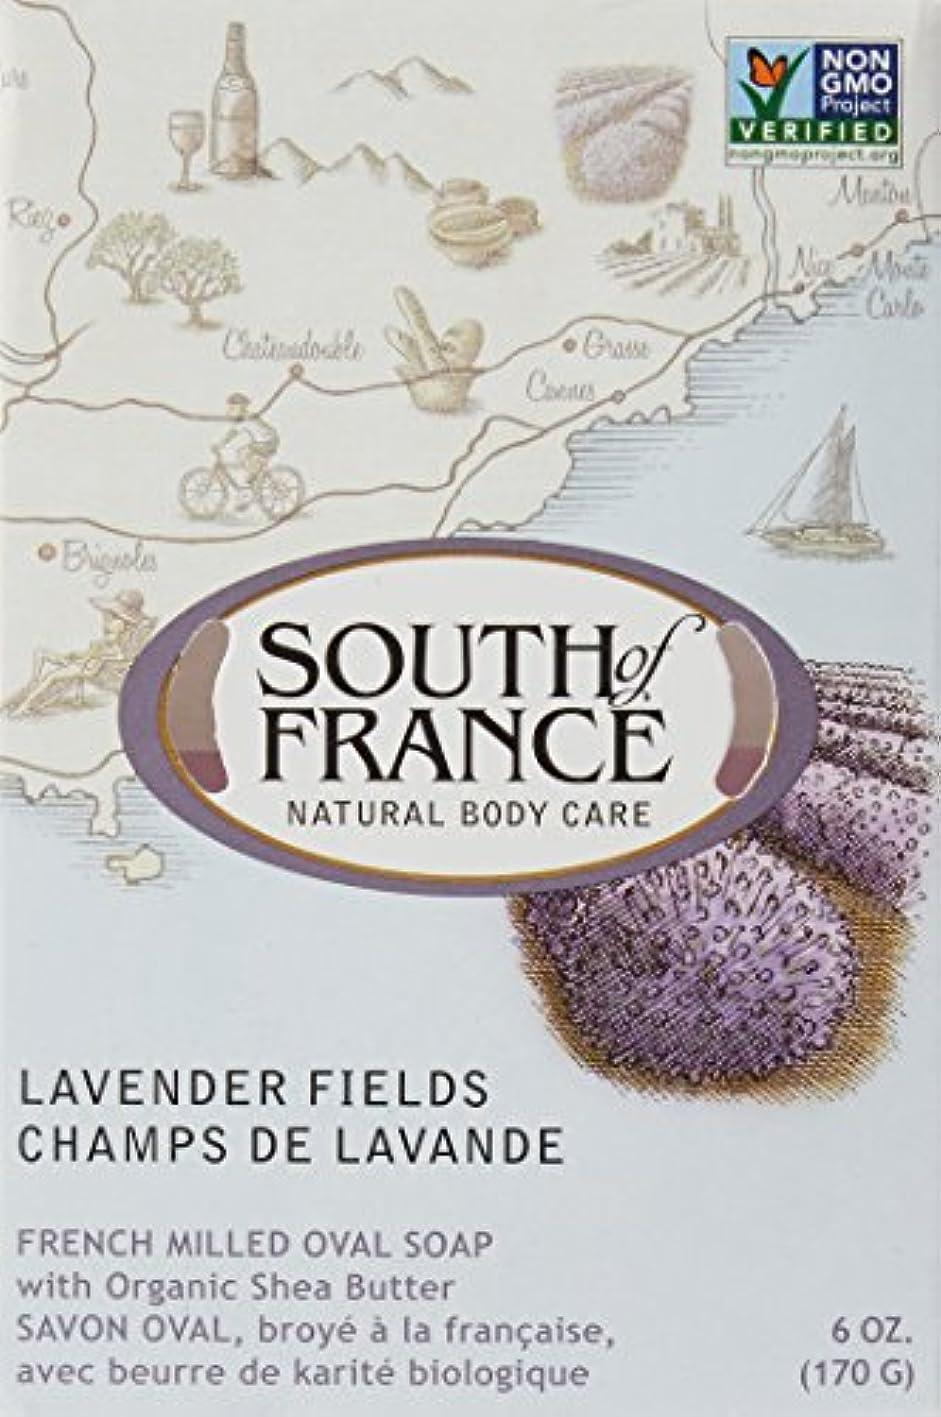 紀元前ピラミッド神経障害South of France - フランスの製粉された野菜棒石鹸のラベンダーは守備につく - 6ポンド